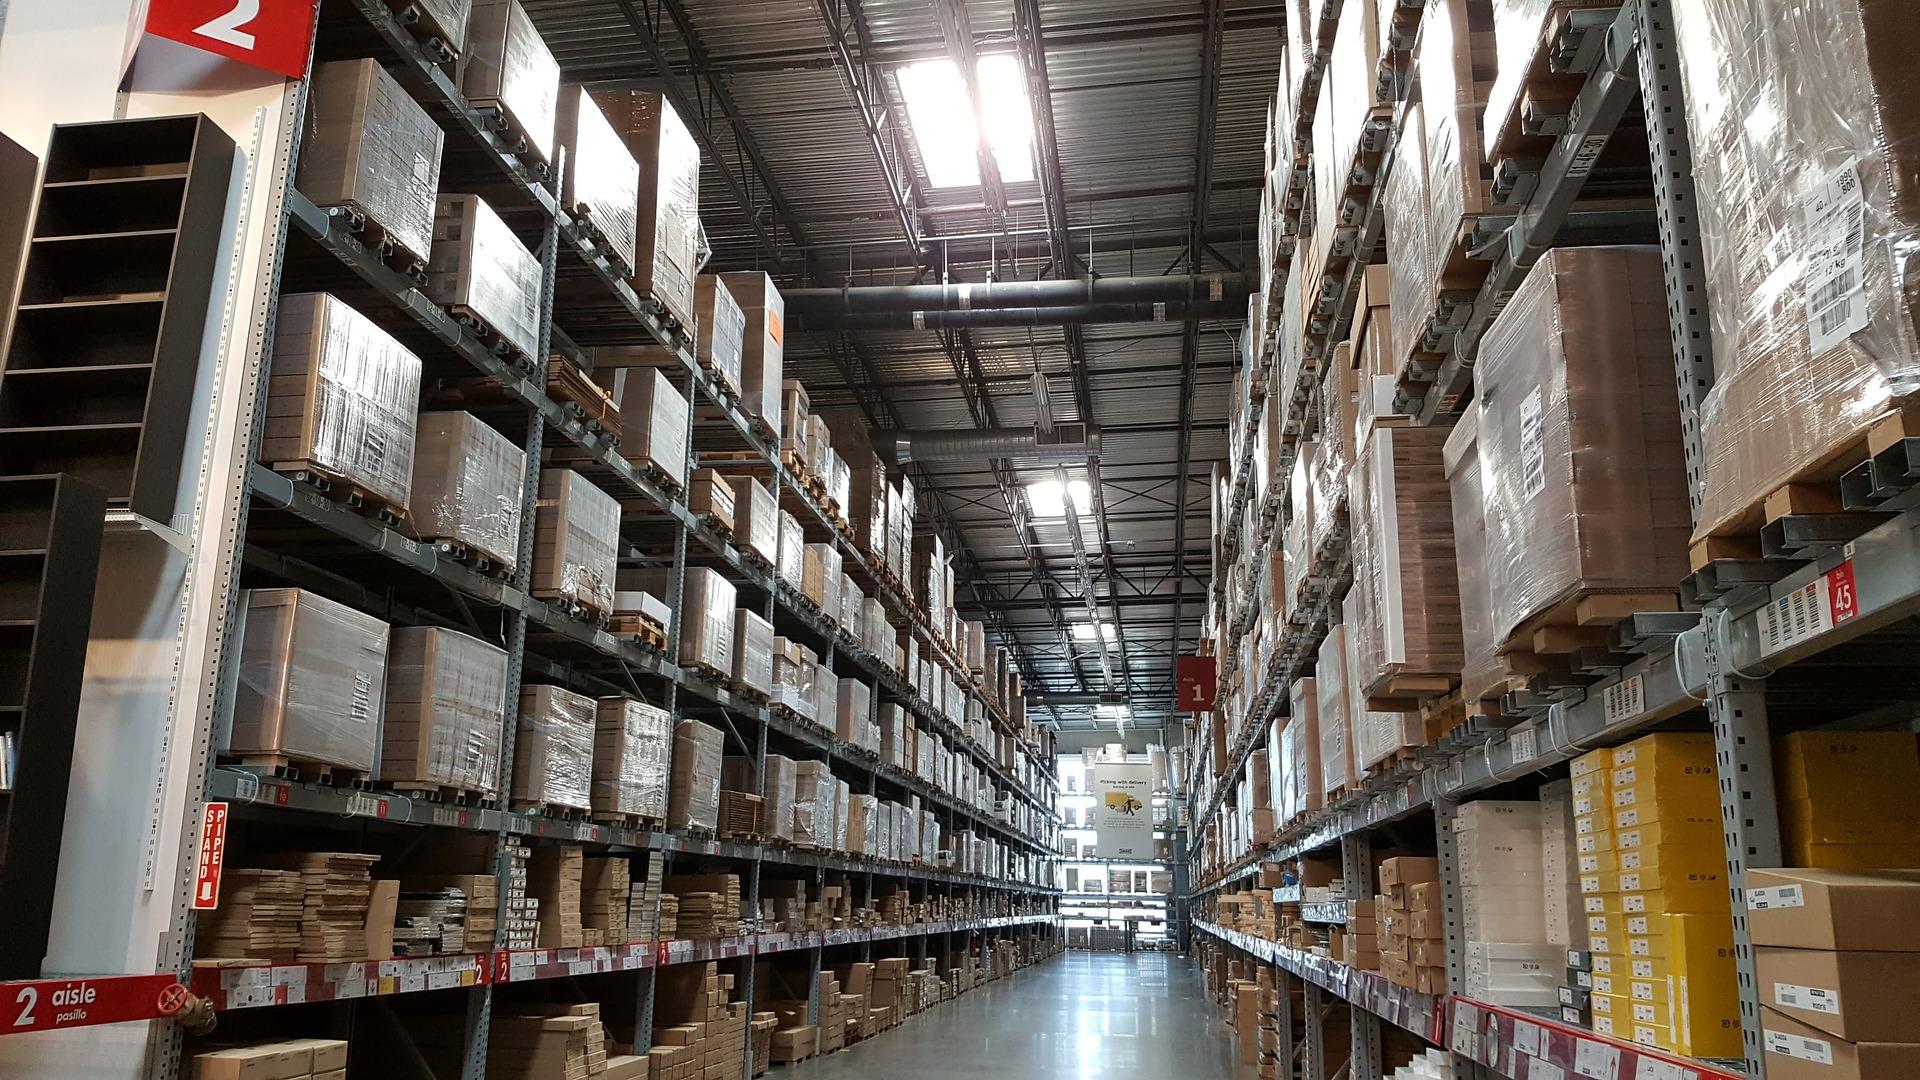 ¿Adquiriendo Su Primer Manipulador Industrial? Descargue Nuestra Guía Del Comprador Gratis